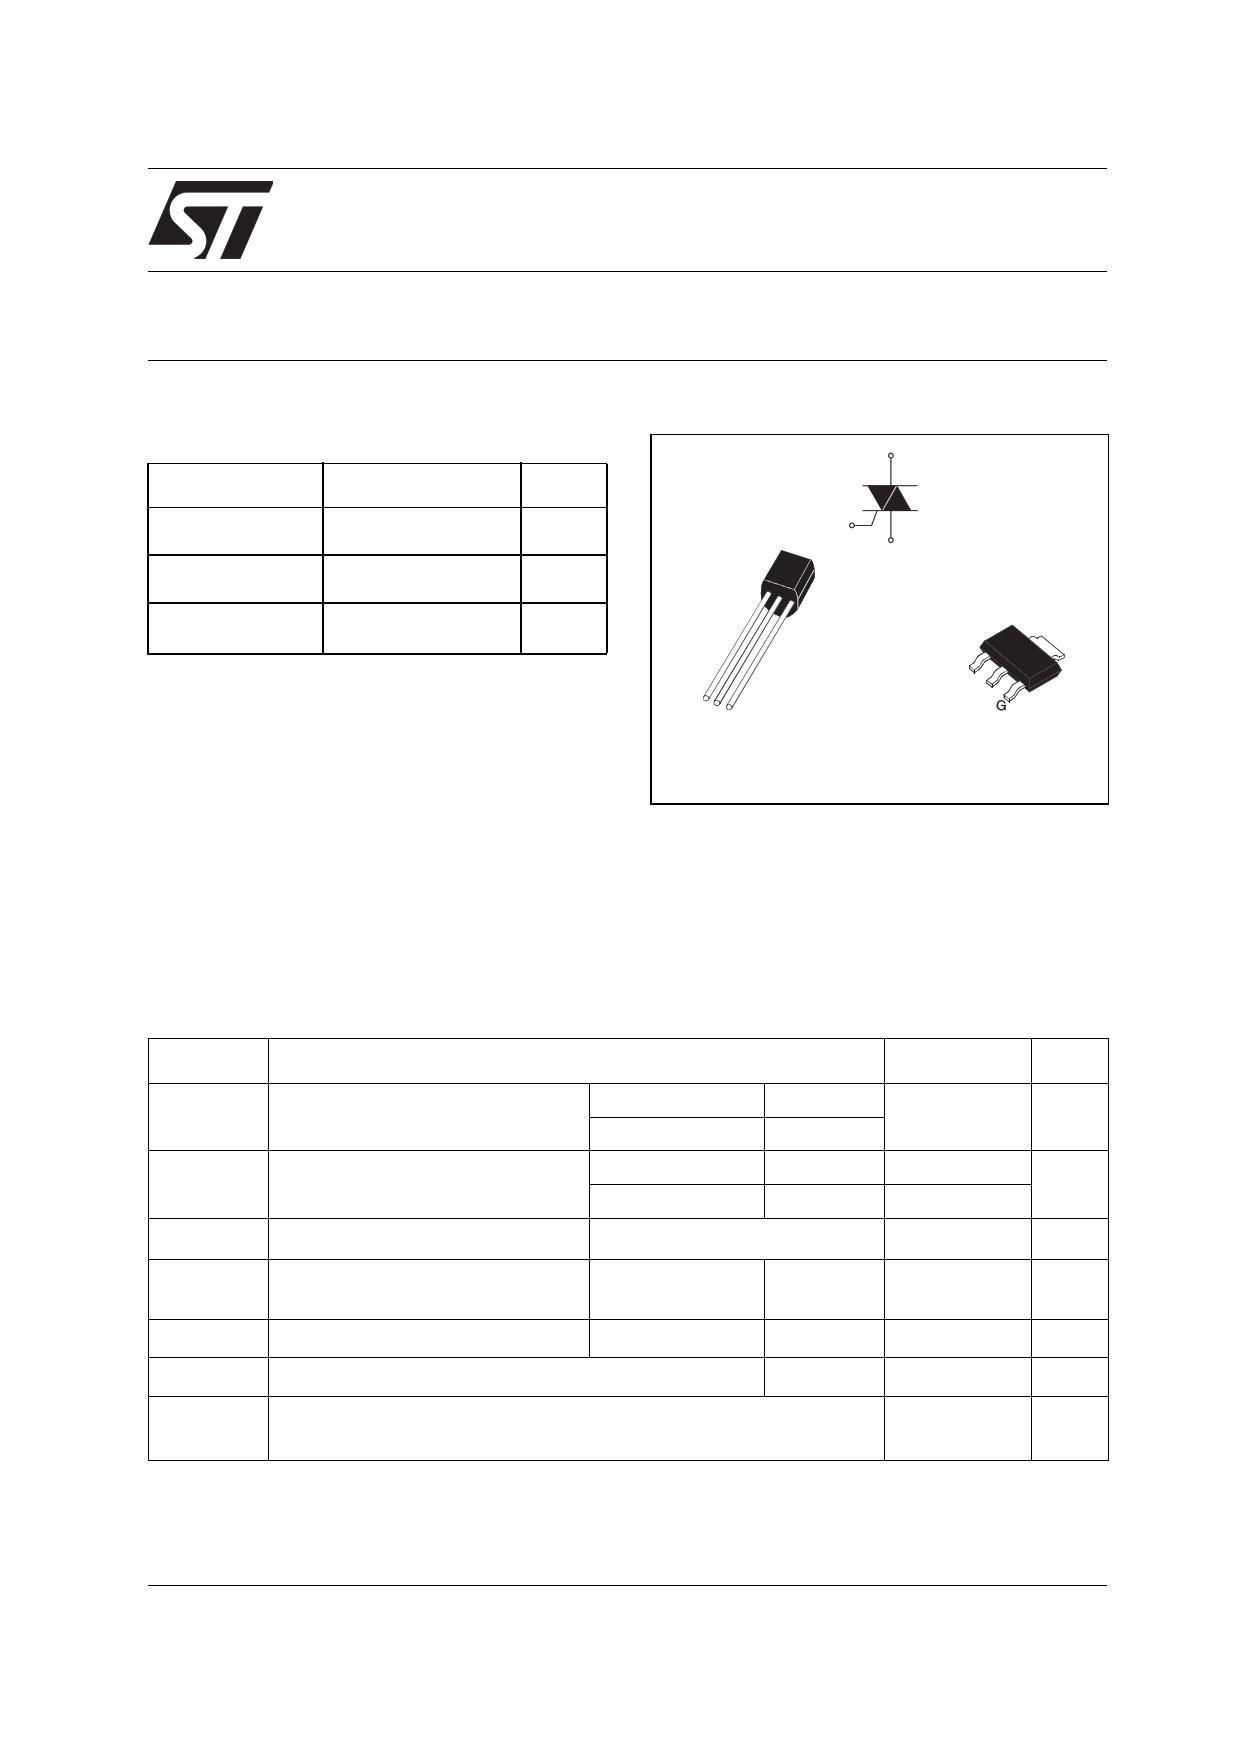 Z0107NA1AA2 datasheet